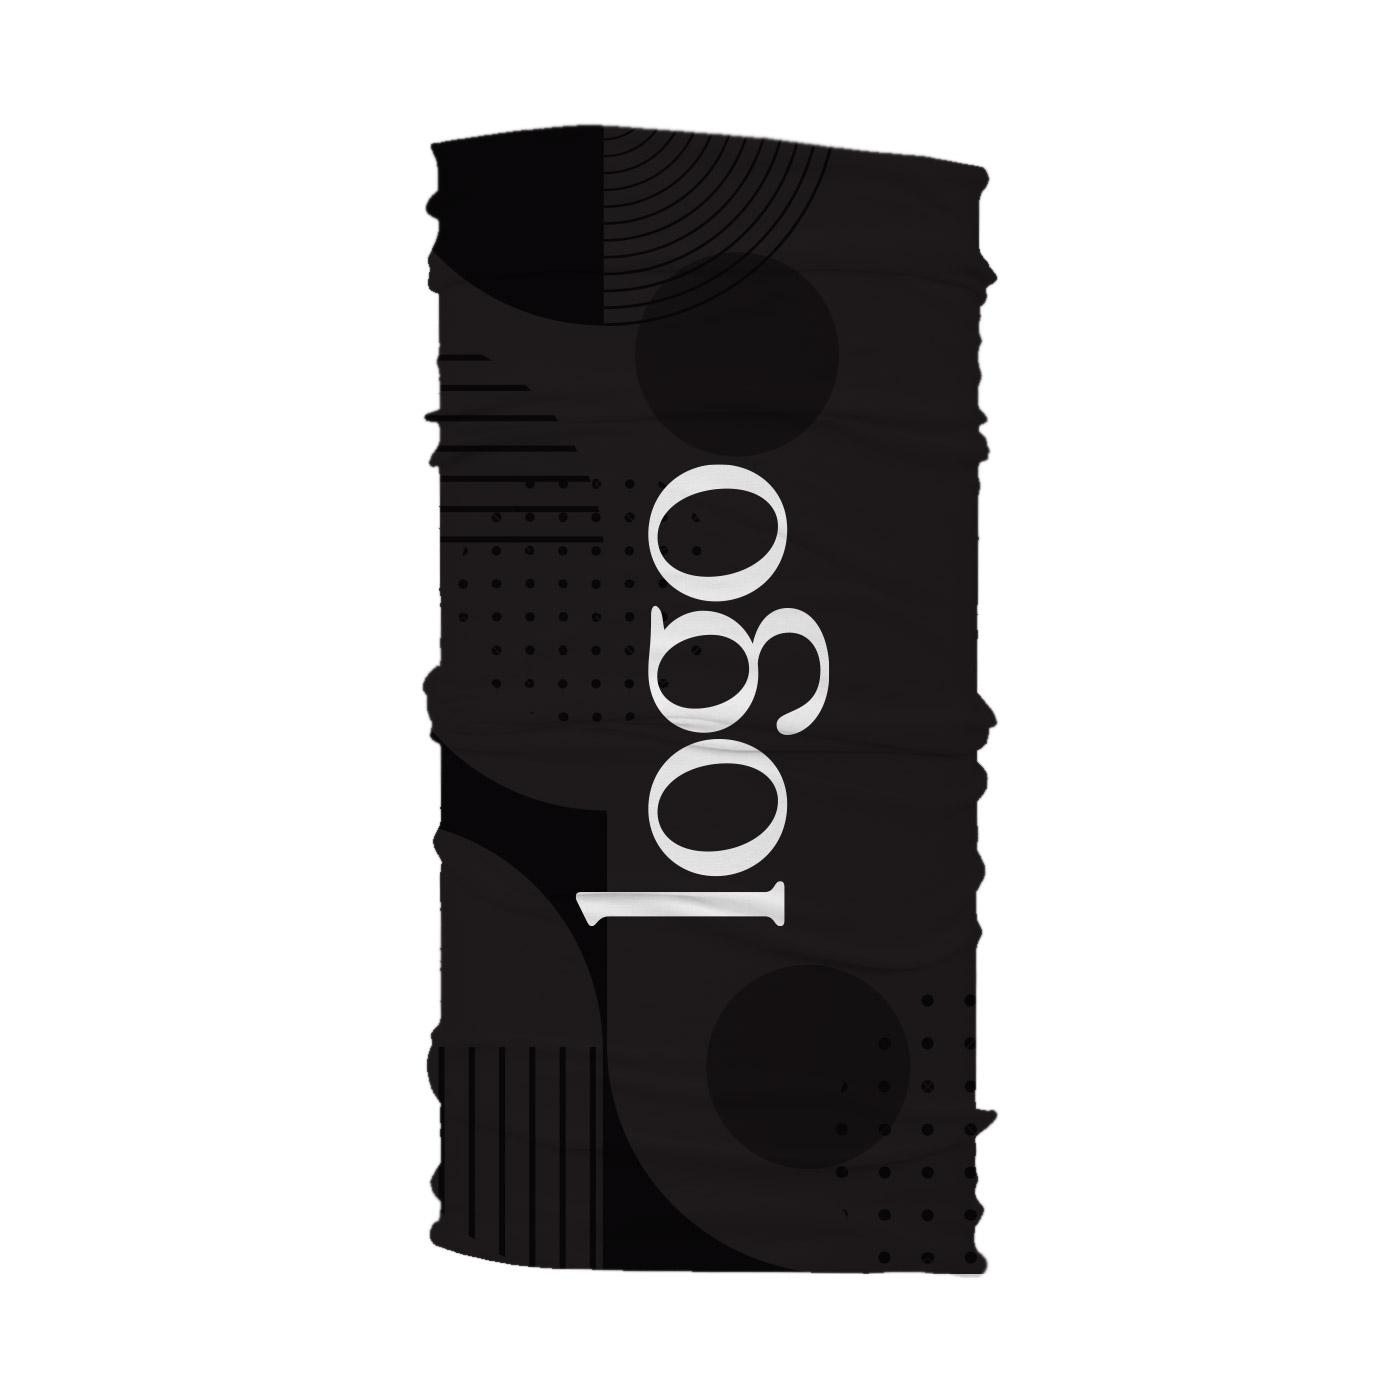 302398 bandana sleeve full color